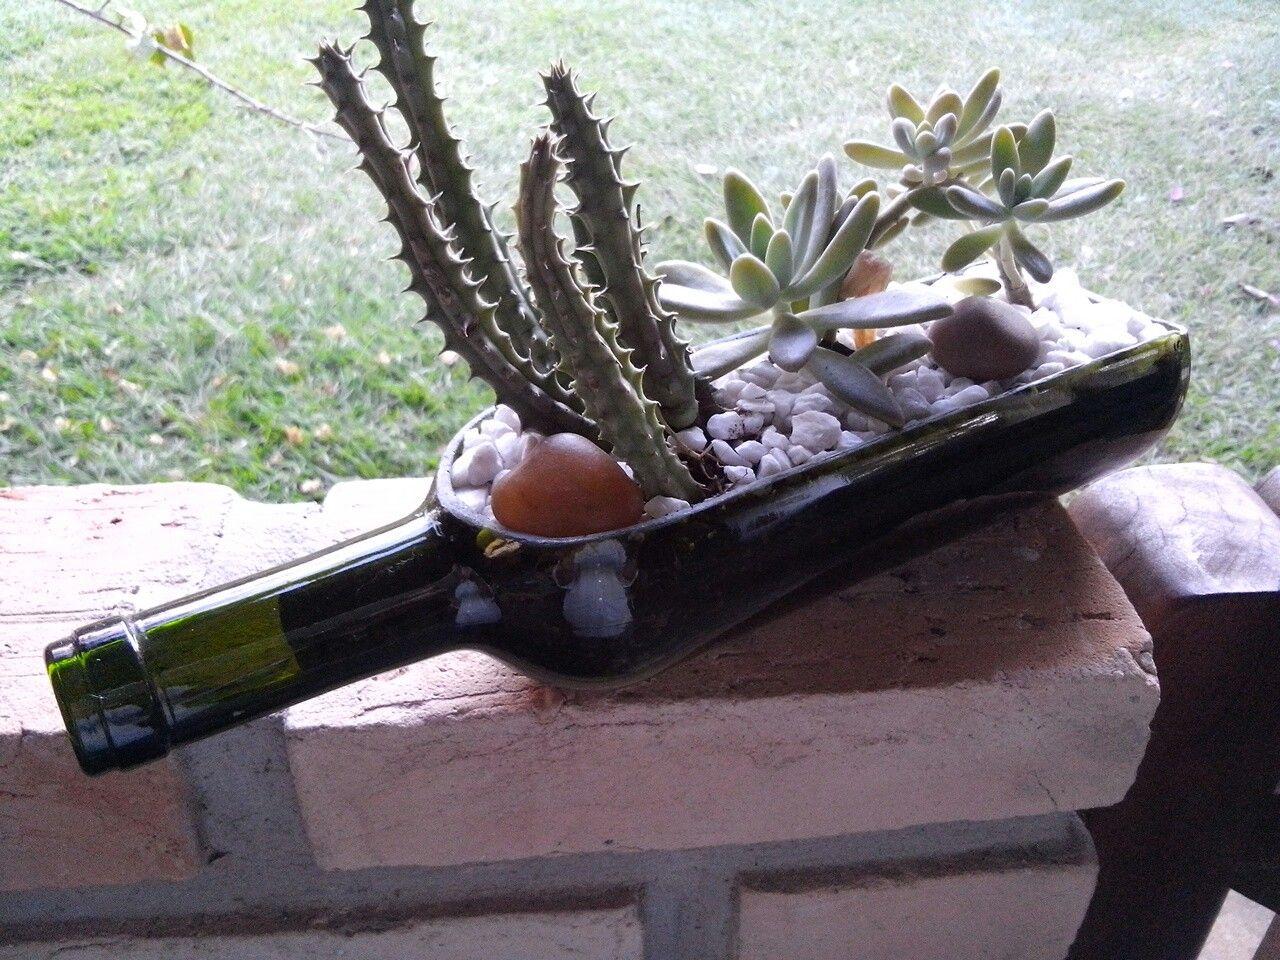 Garrafa de vinho cortada com micro retífica Dremel 4000. Plantado duas mudas de suculentas.